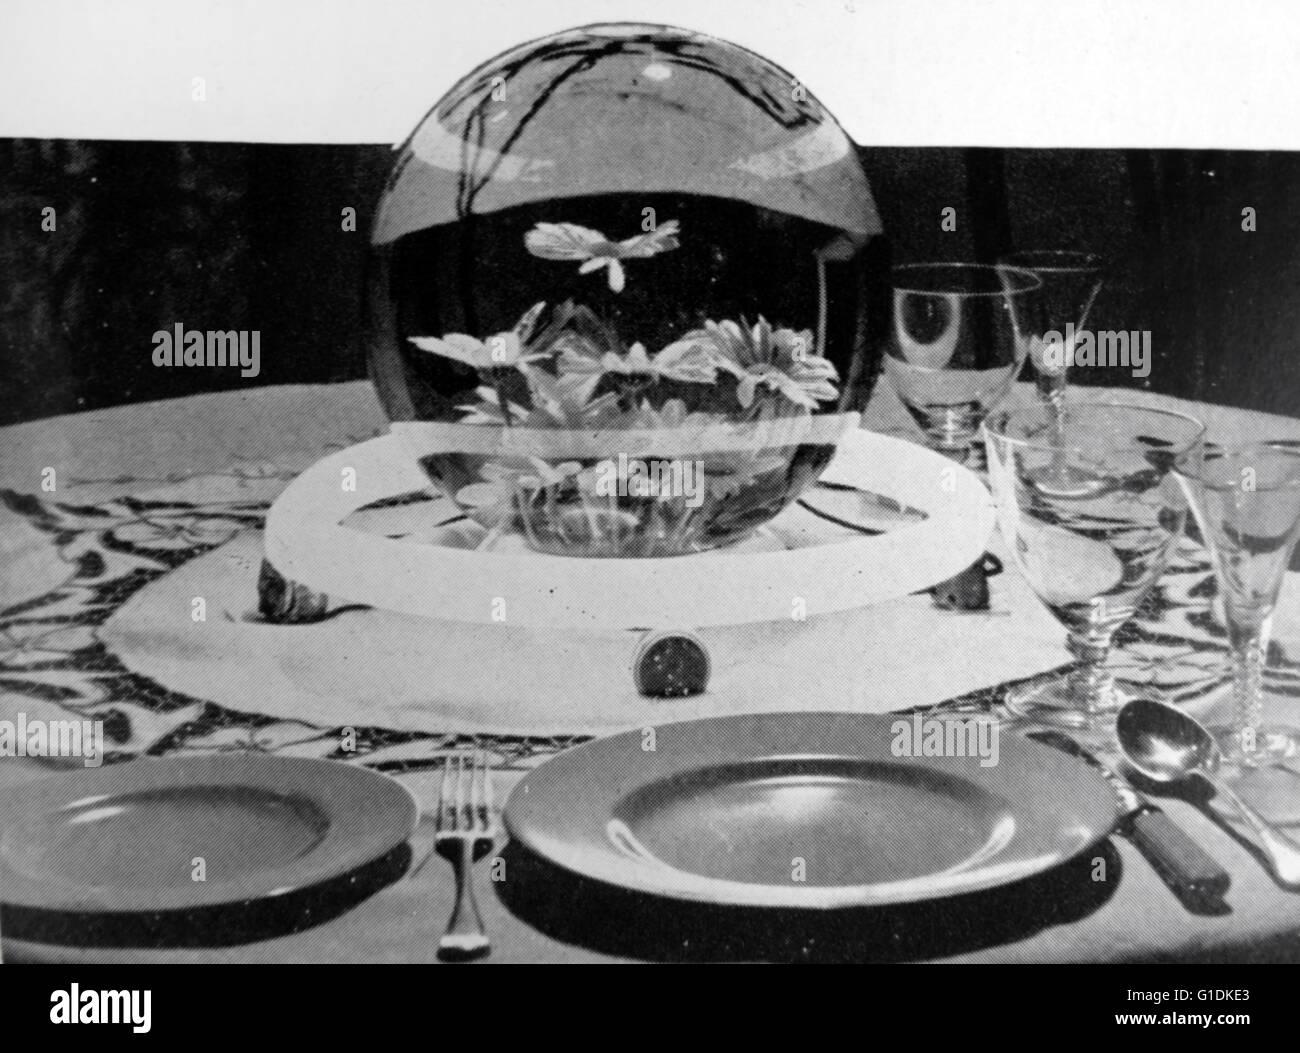 Concept pour l'éclairage de la table au moyen d'une bande d'architecture ronde qui peut être Photo Stock